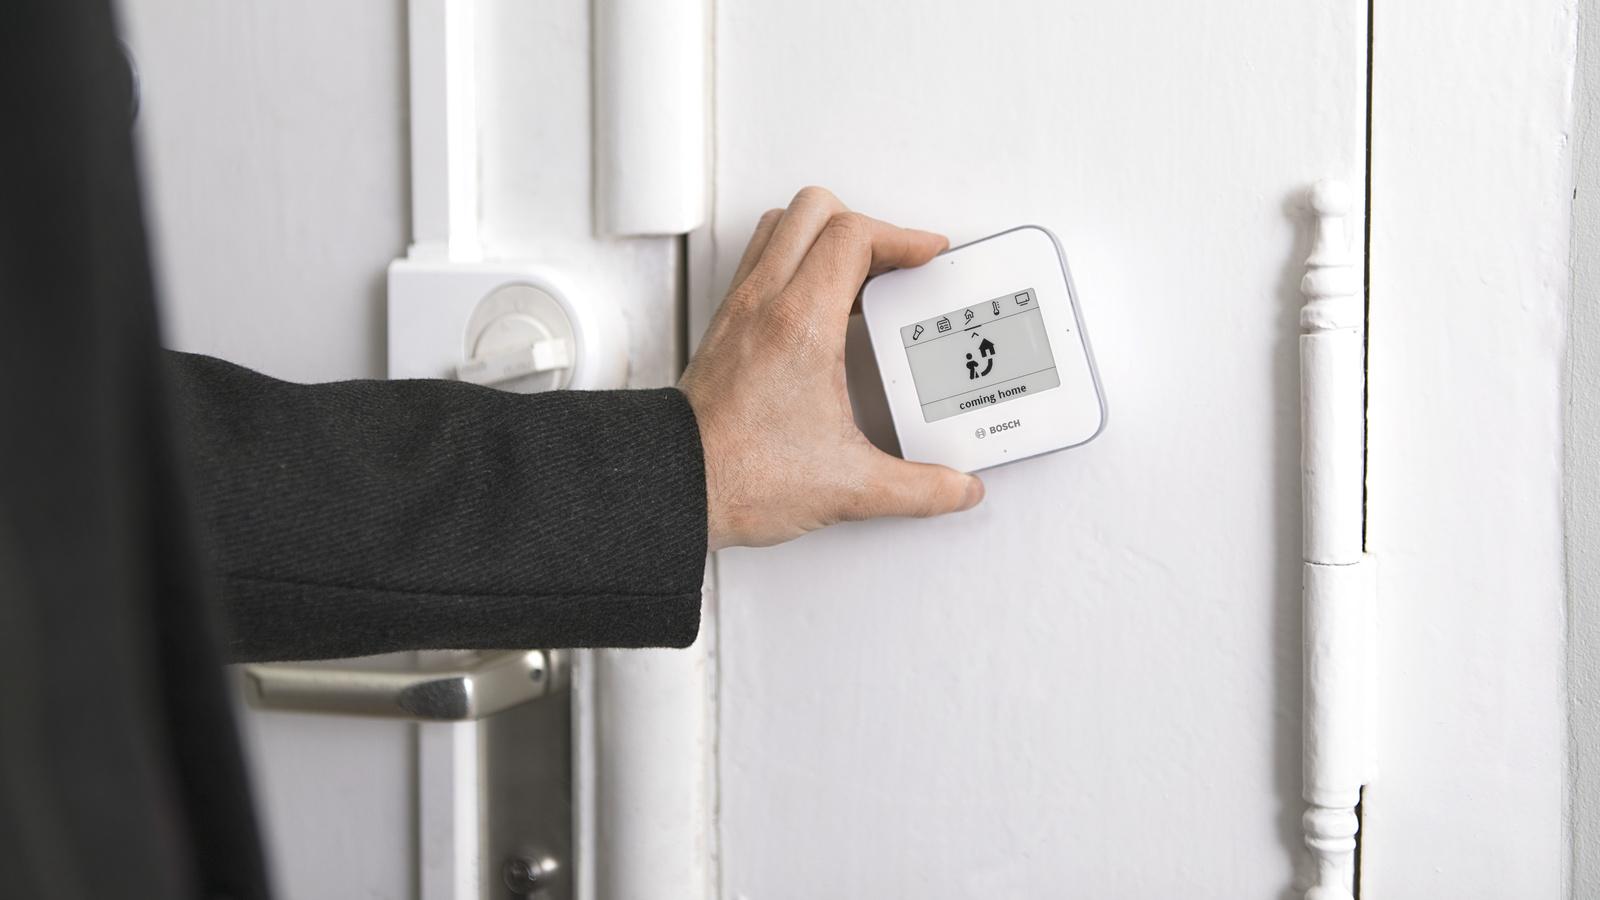 Bosch Kühlschrank Alarm : Home smart home bosch macht das haus schlau bosch media service